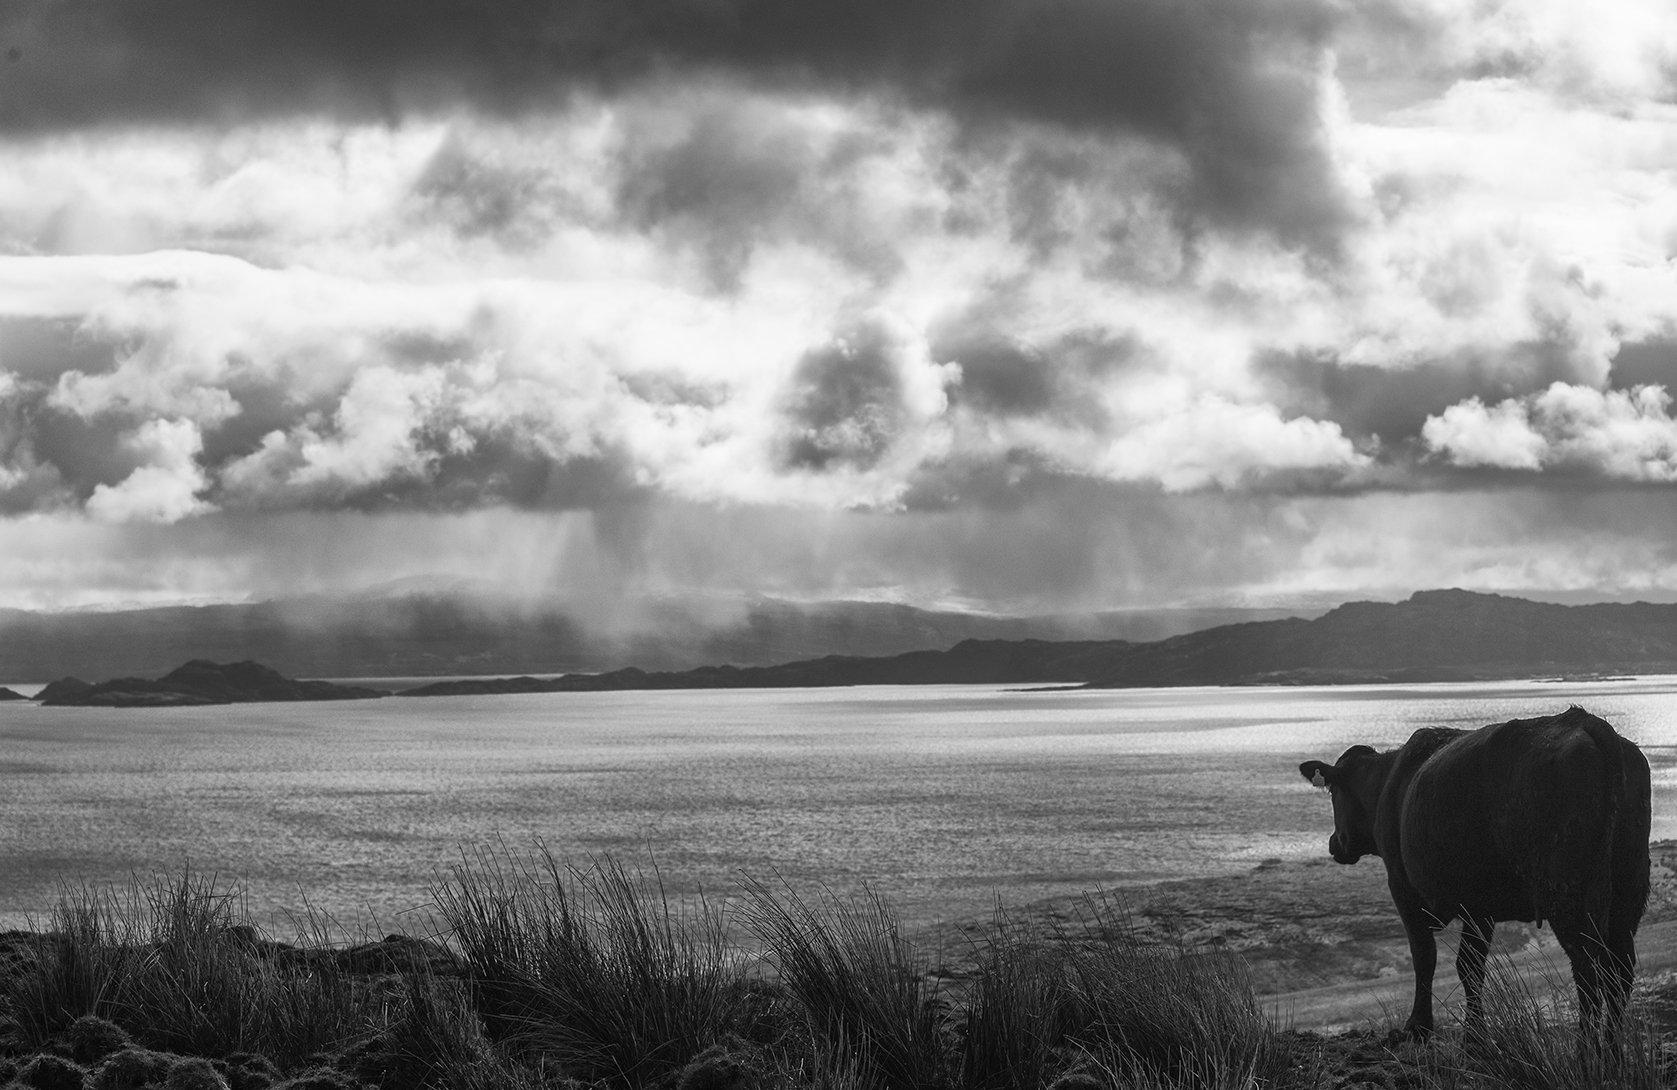 облака, залив, море, корова, погода, Boris Zhitomirsky